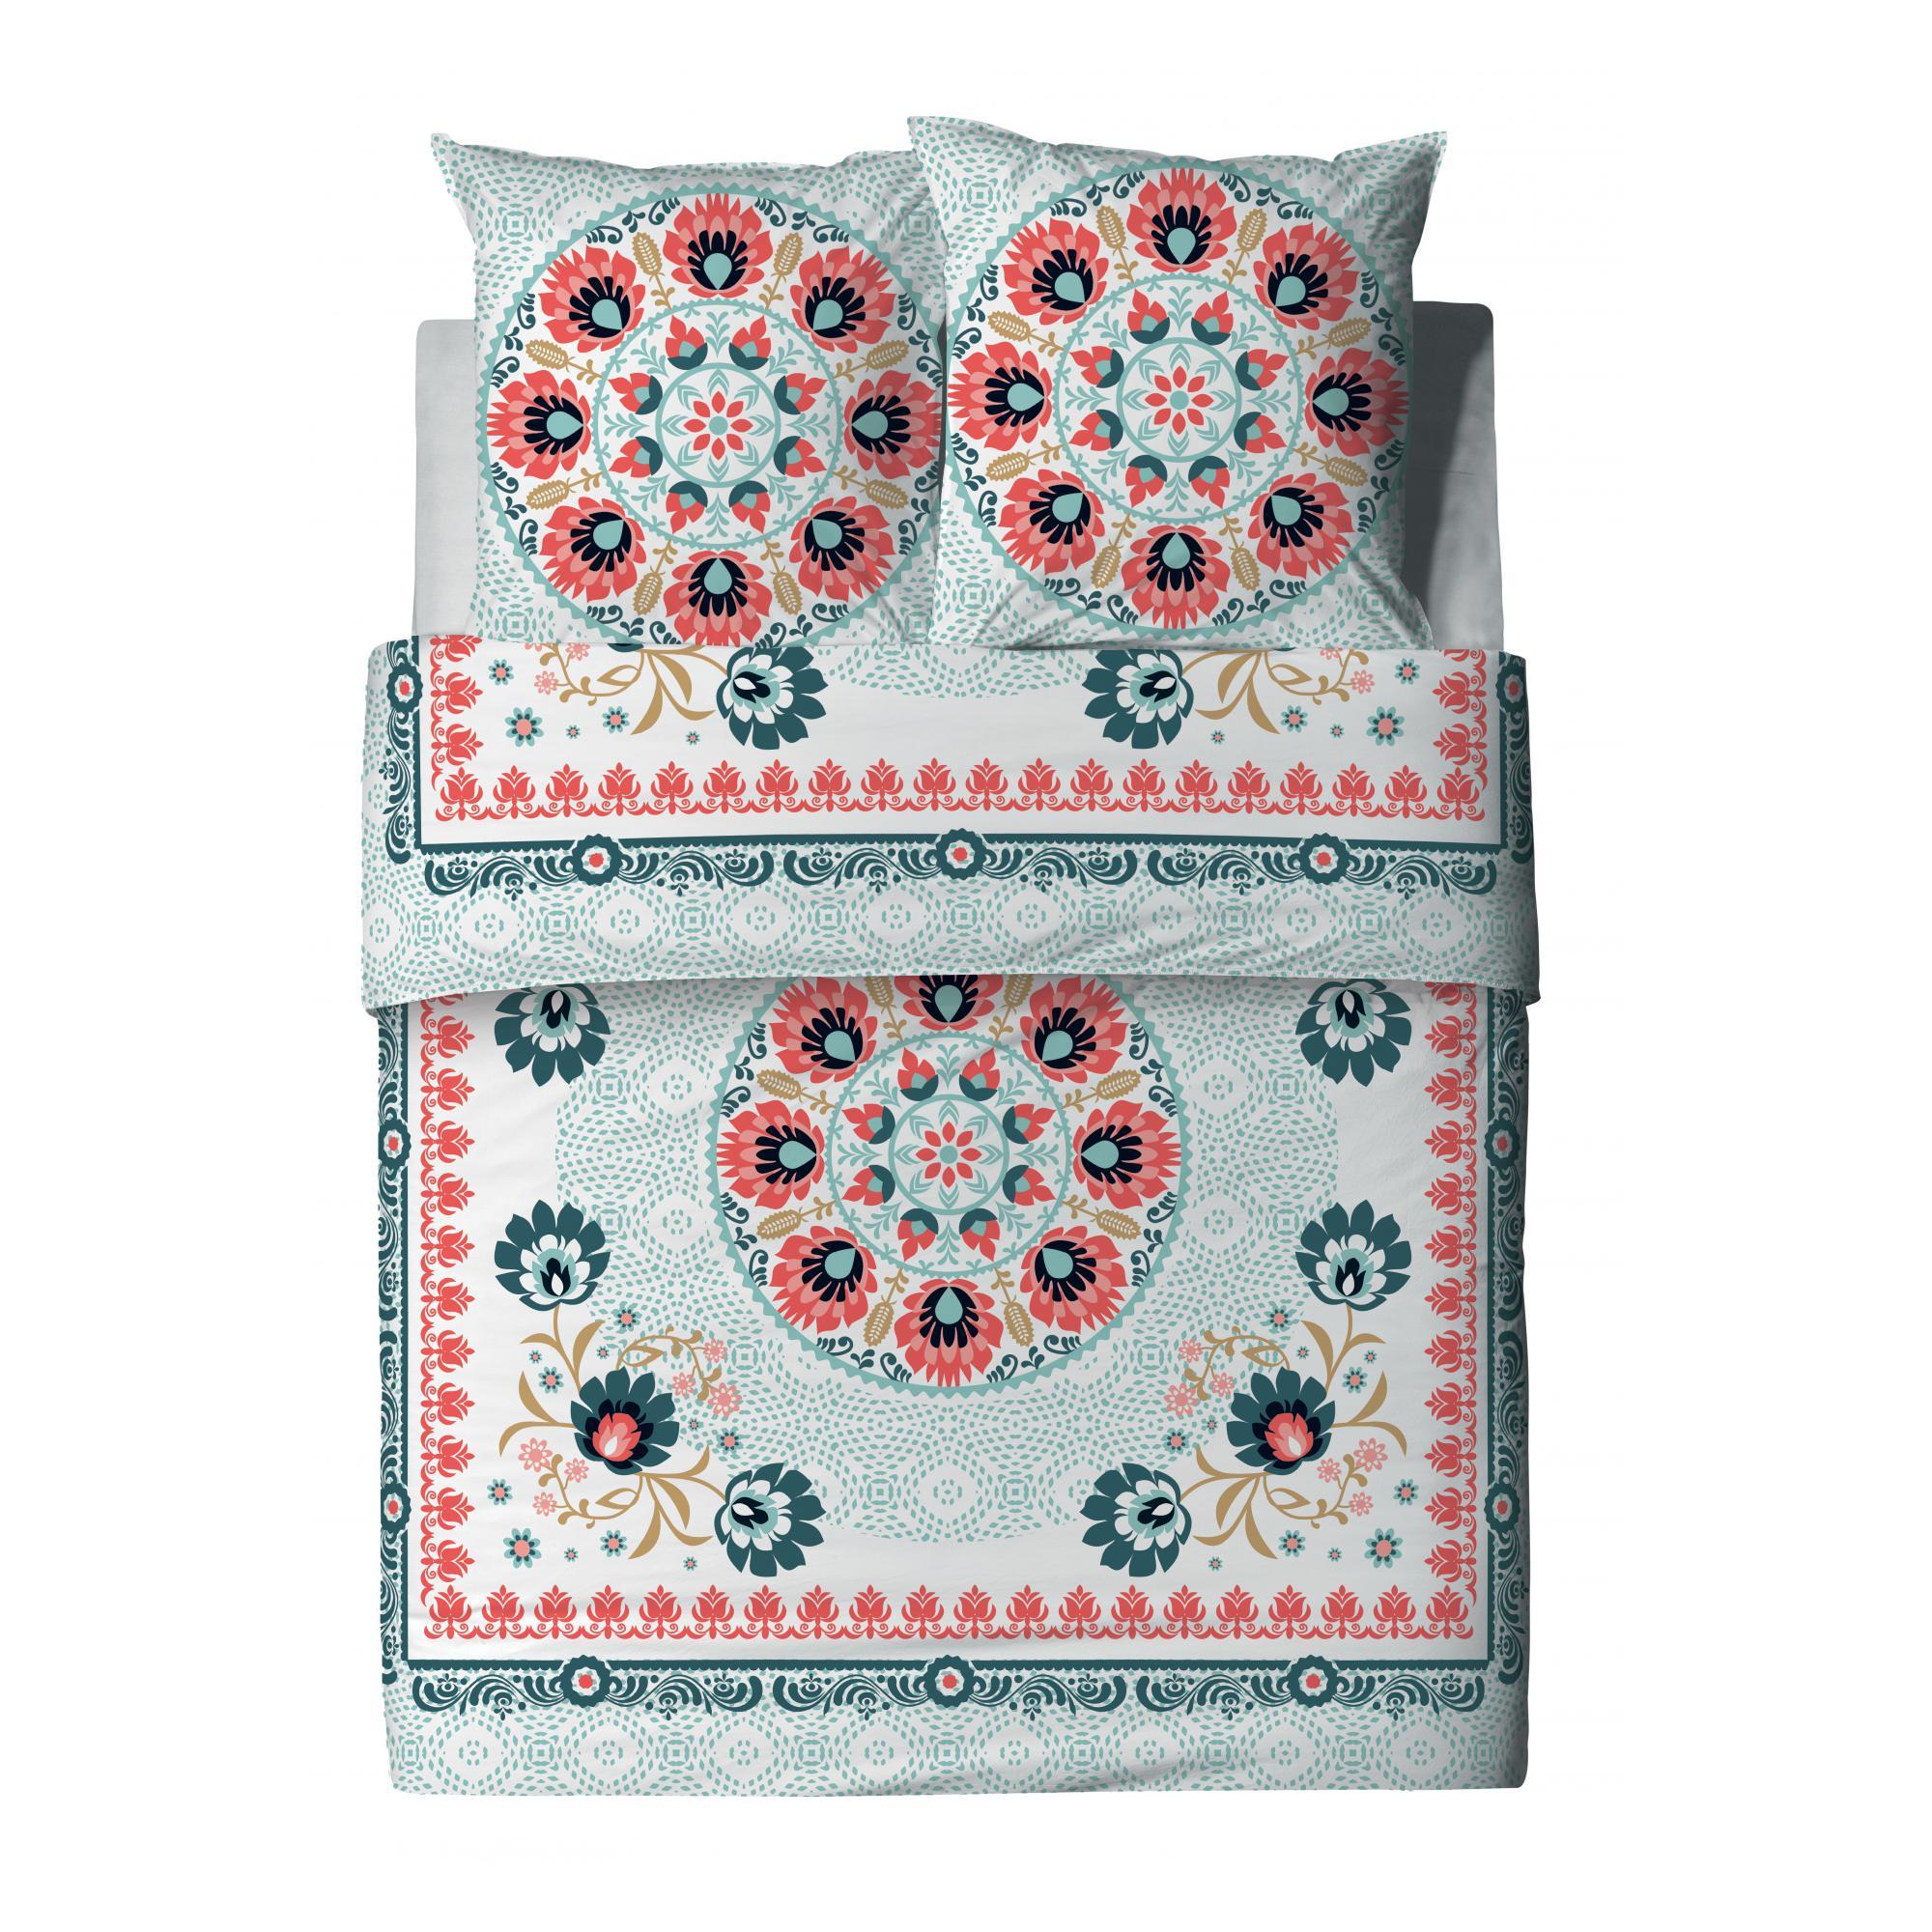 Parure de lit 2 personnes Camélia avec housse de couette et taies d'oreiller Imprimé 260 x 240